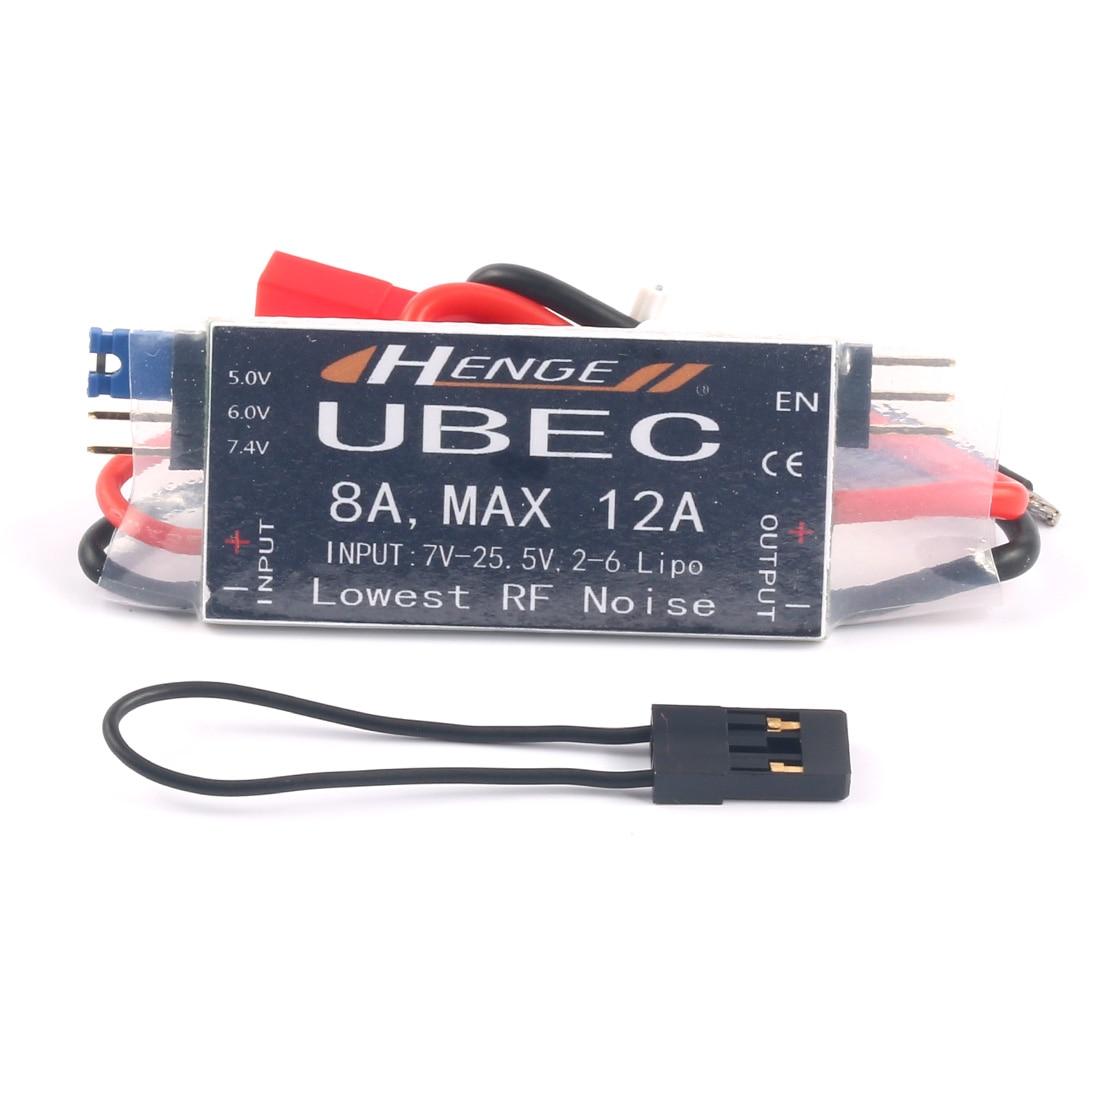 JMT 8A UBEC Выход 5В/6В 6A / 8A Max 12A Inport 7V-25,5 V 2-6S Lipo/на возраст от 6 до 16 Сотовый металл-гидридных или никель Вход модели коммутатора BEC для дрона с диста...